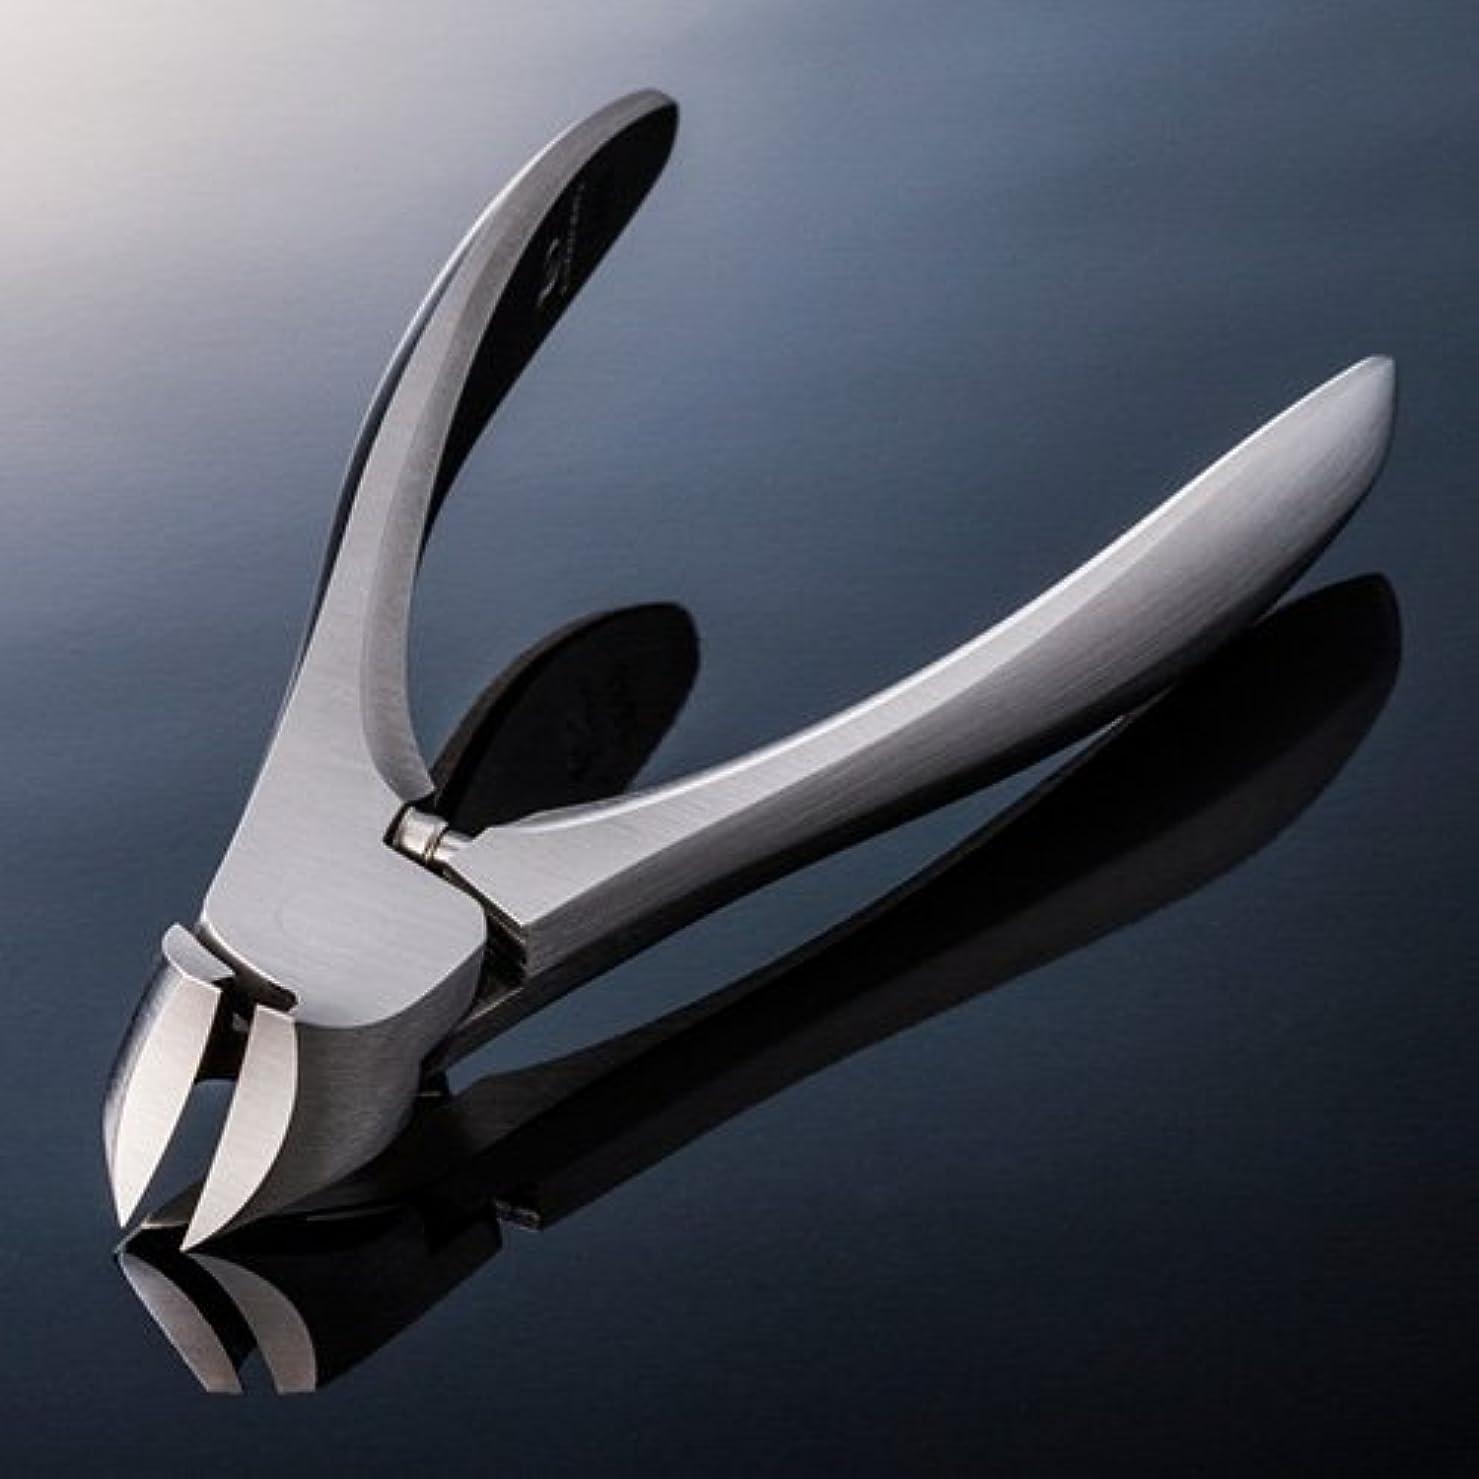 東部連帯正当化する【SUWADA クラシックL 爪やすり付】 諏訪田のつめ切り 爪切り ネイルニッパー 収納メタルケース付 /日本のいいもの